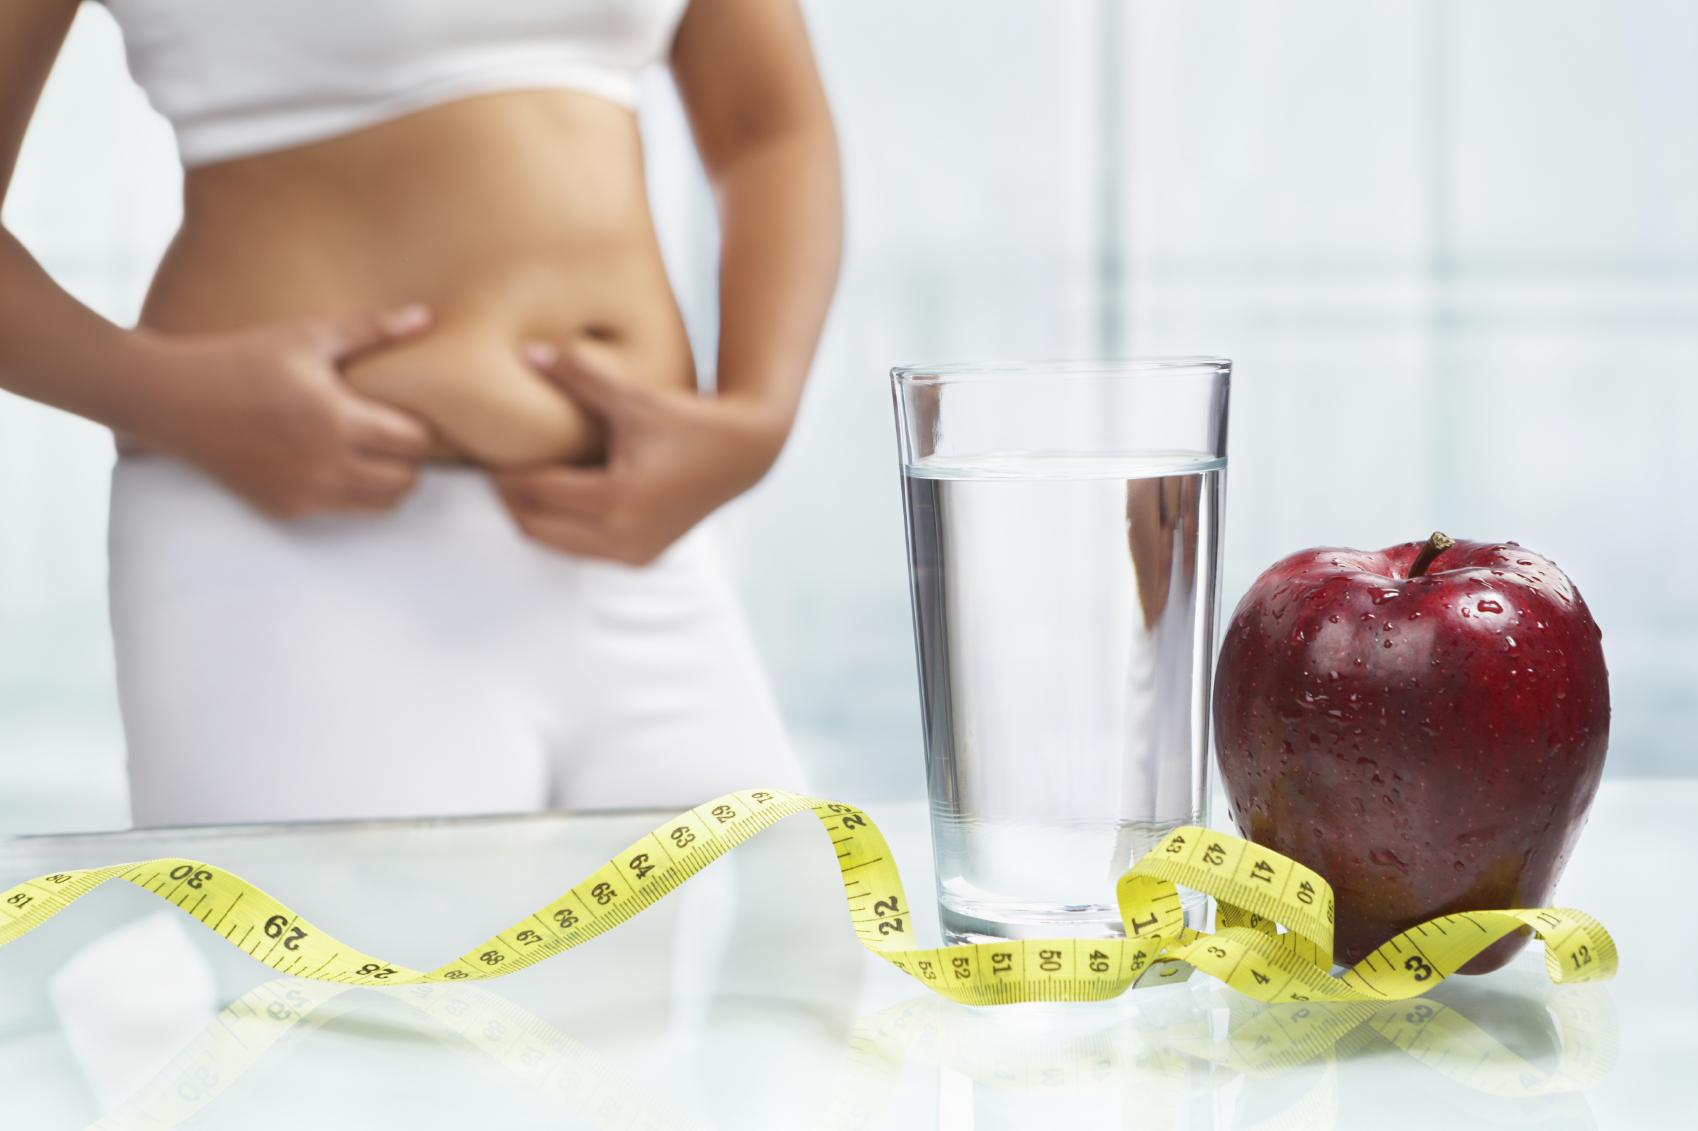 عوامل تساعد على فقدان الوزن